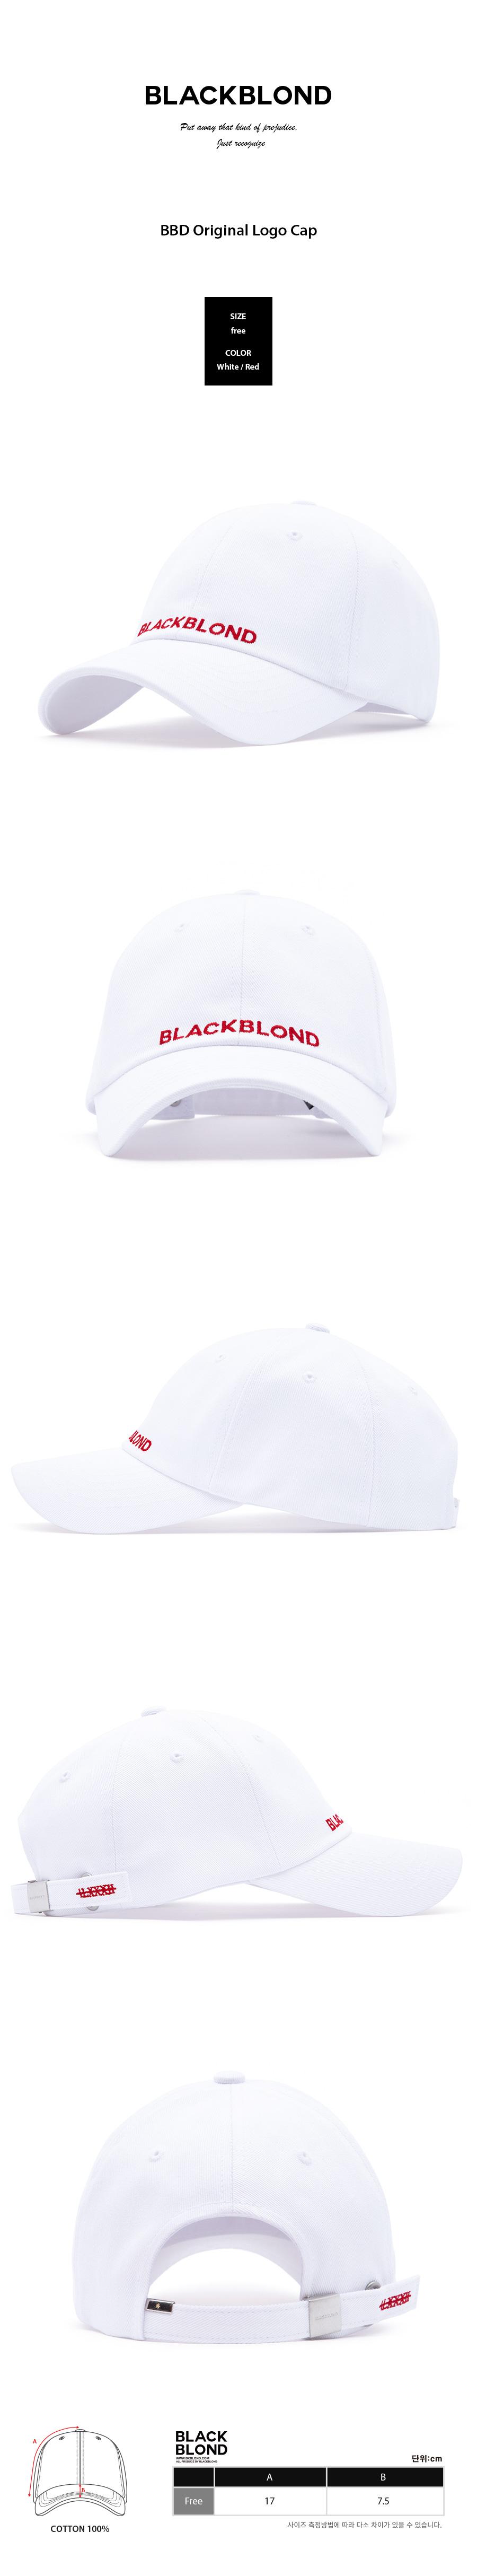 BBD-Original-Logo-Cap-%28White_Red%29.jpg